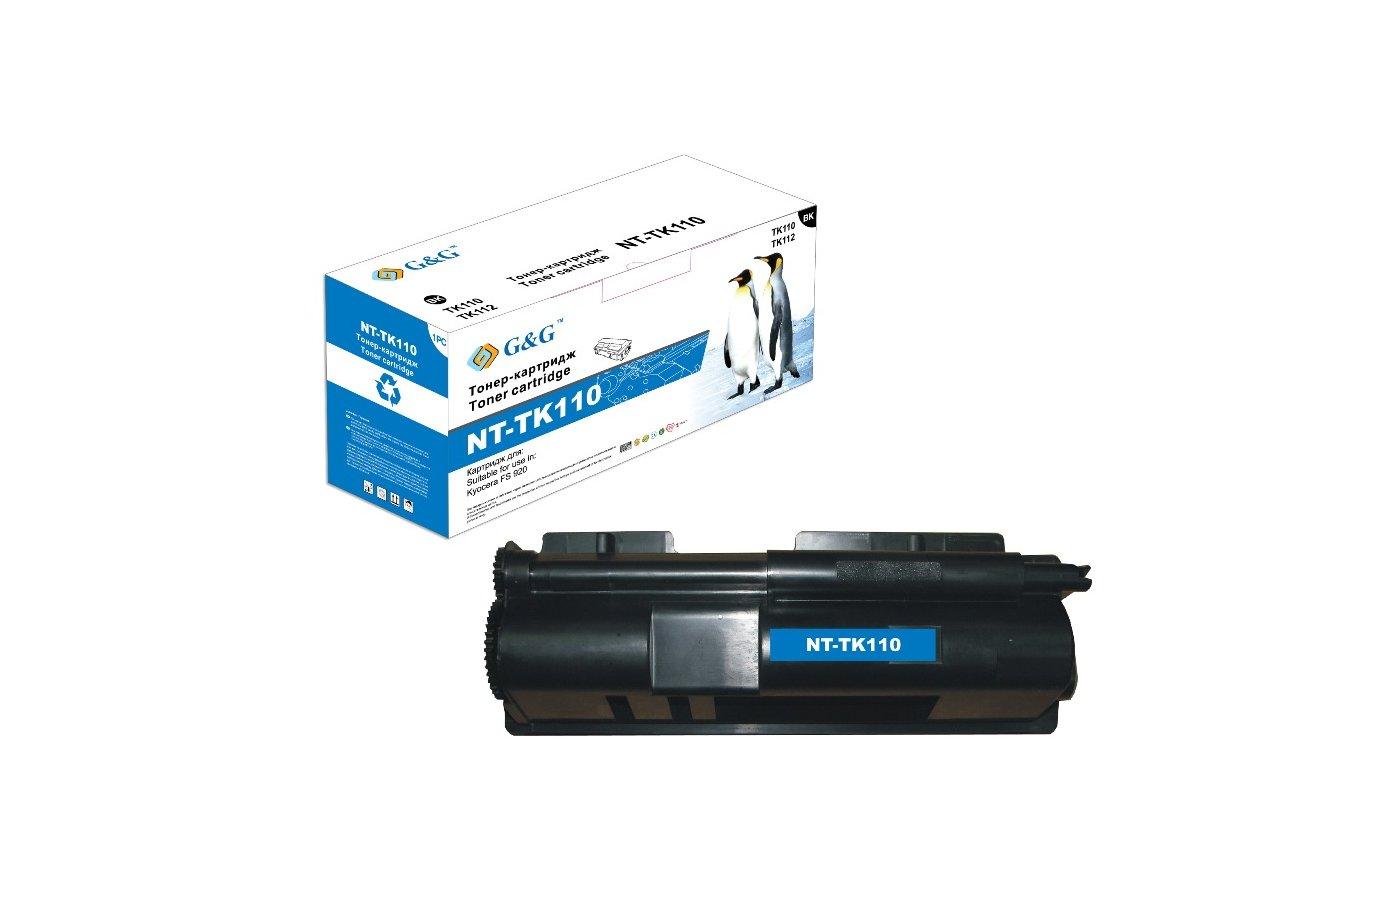 Картридж лазерный GG NT-TK110 Совместимый для Kyocera FS 920 (6000стр)